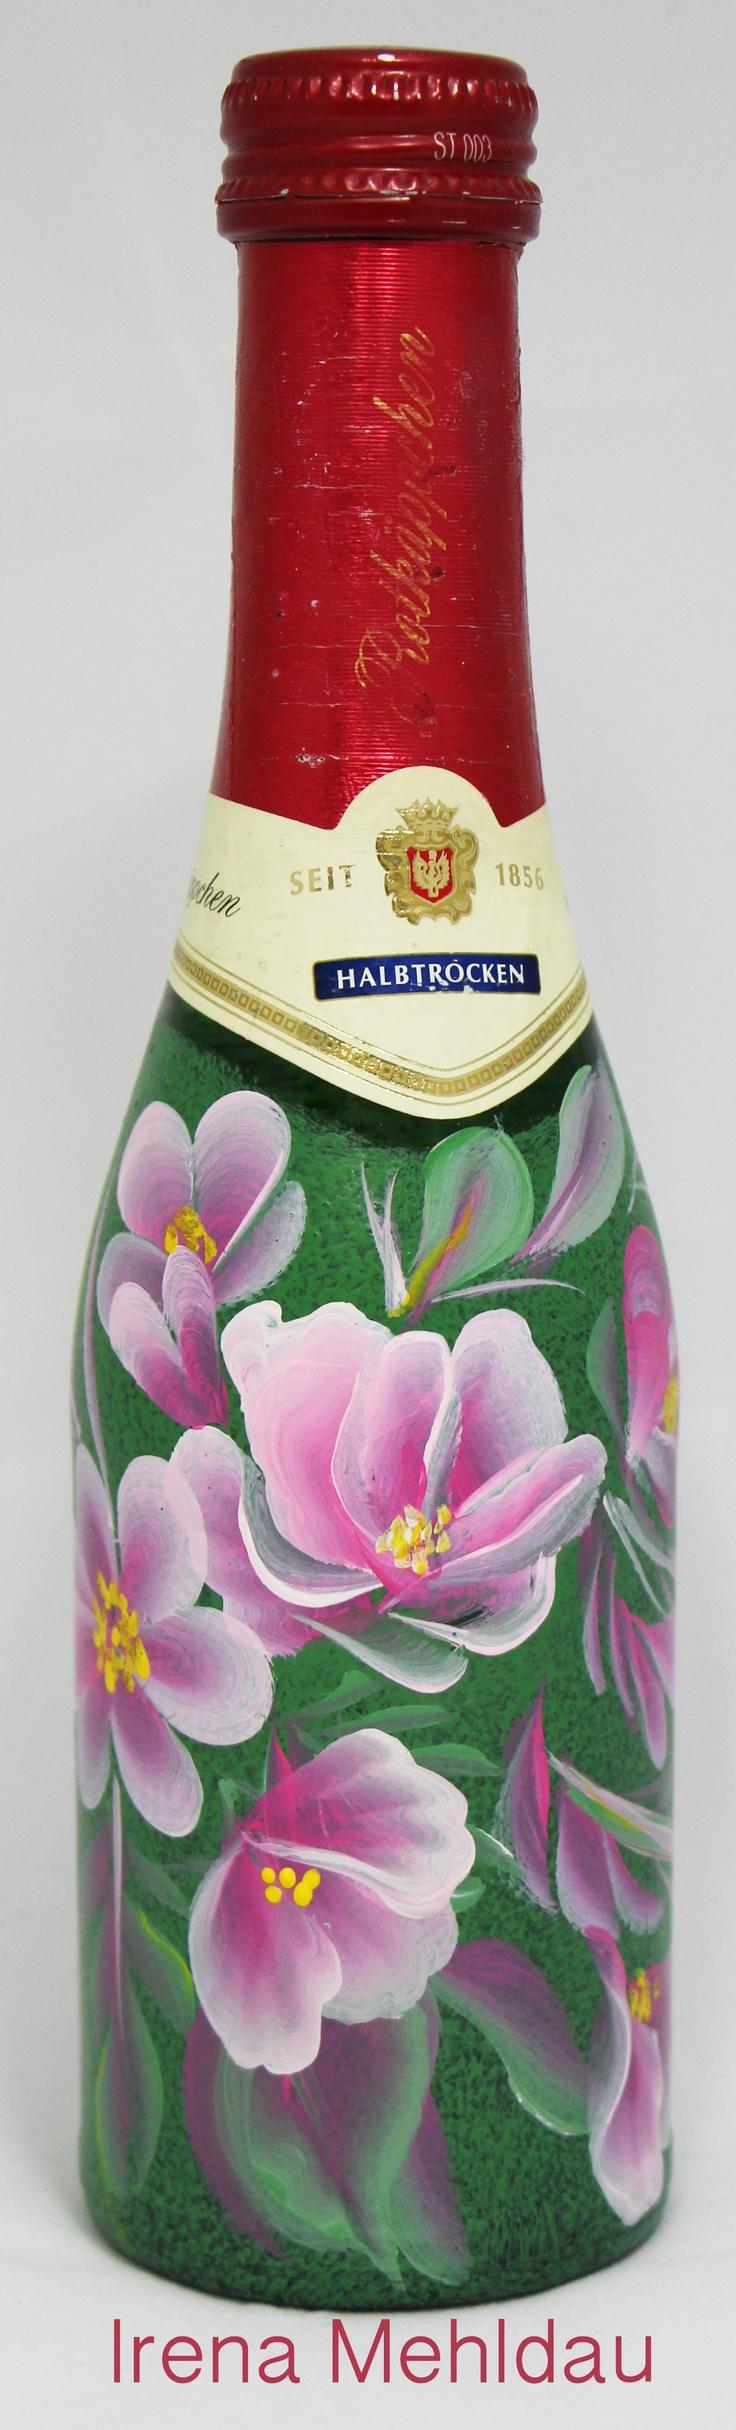 114 best Flaschen images on Pinterest   Bastelarbeiten, Bastelei und ...